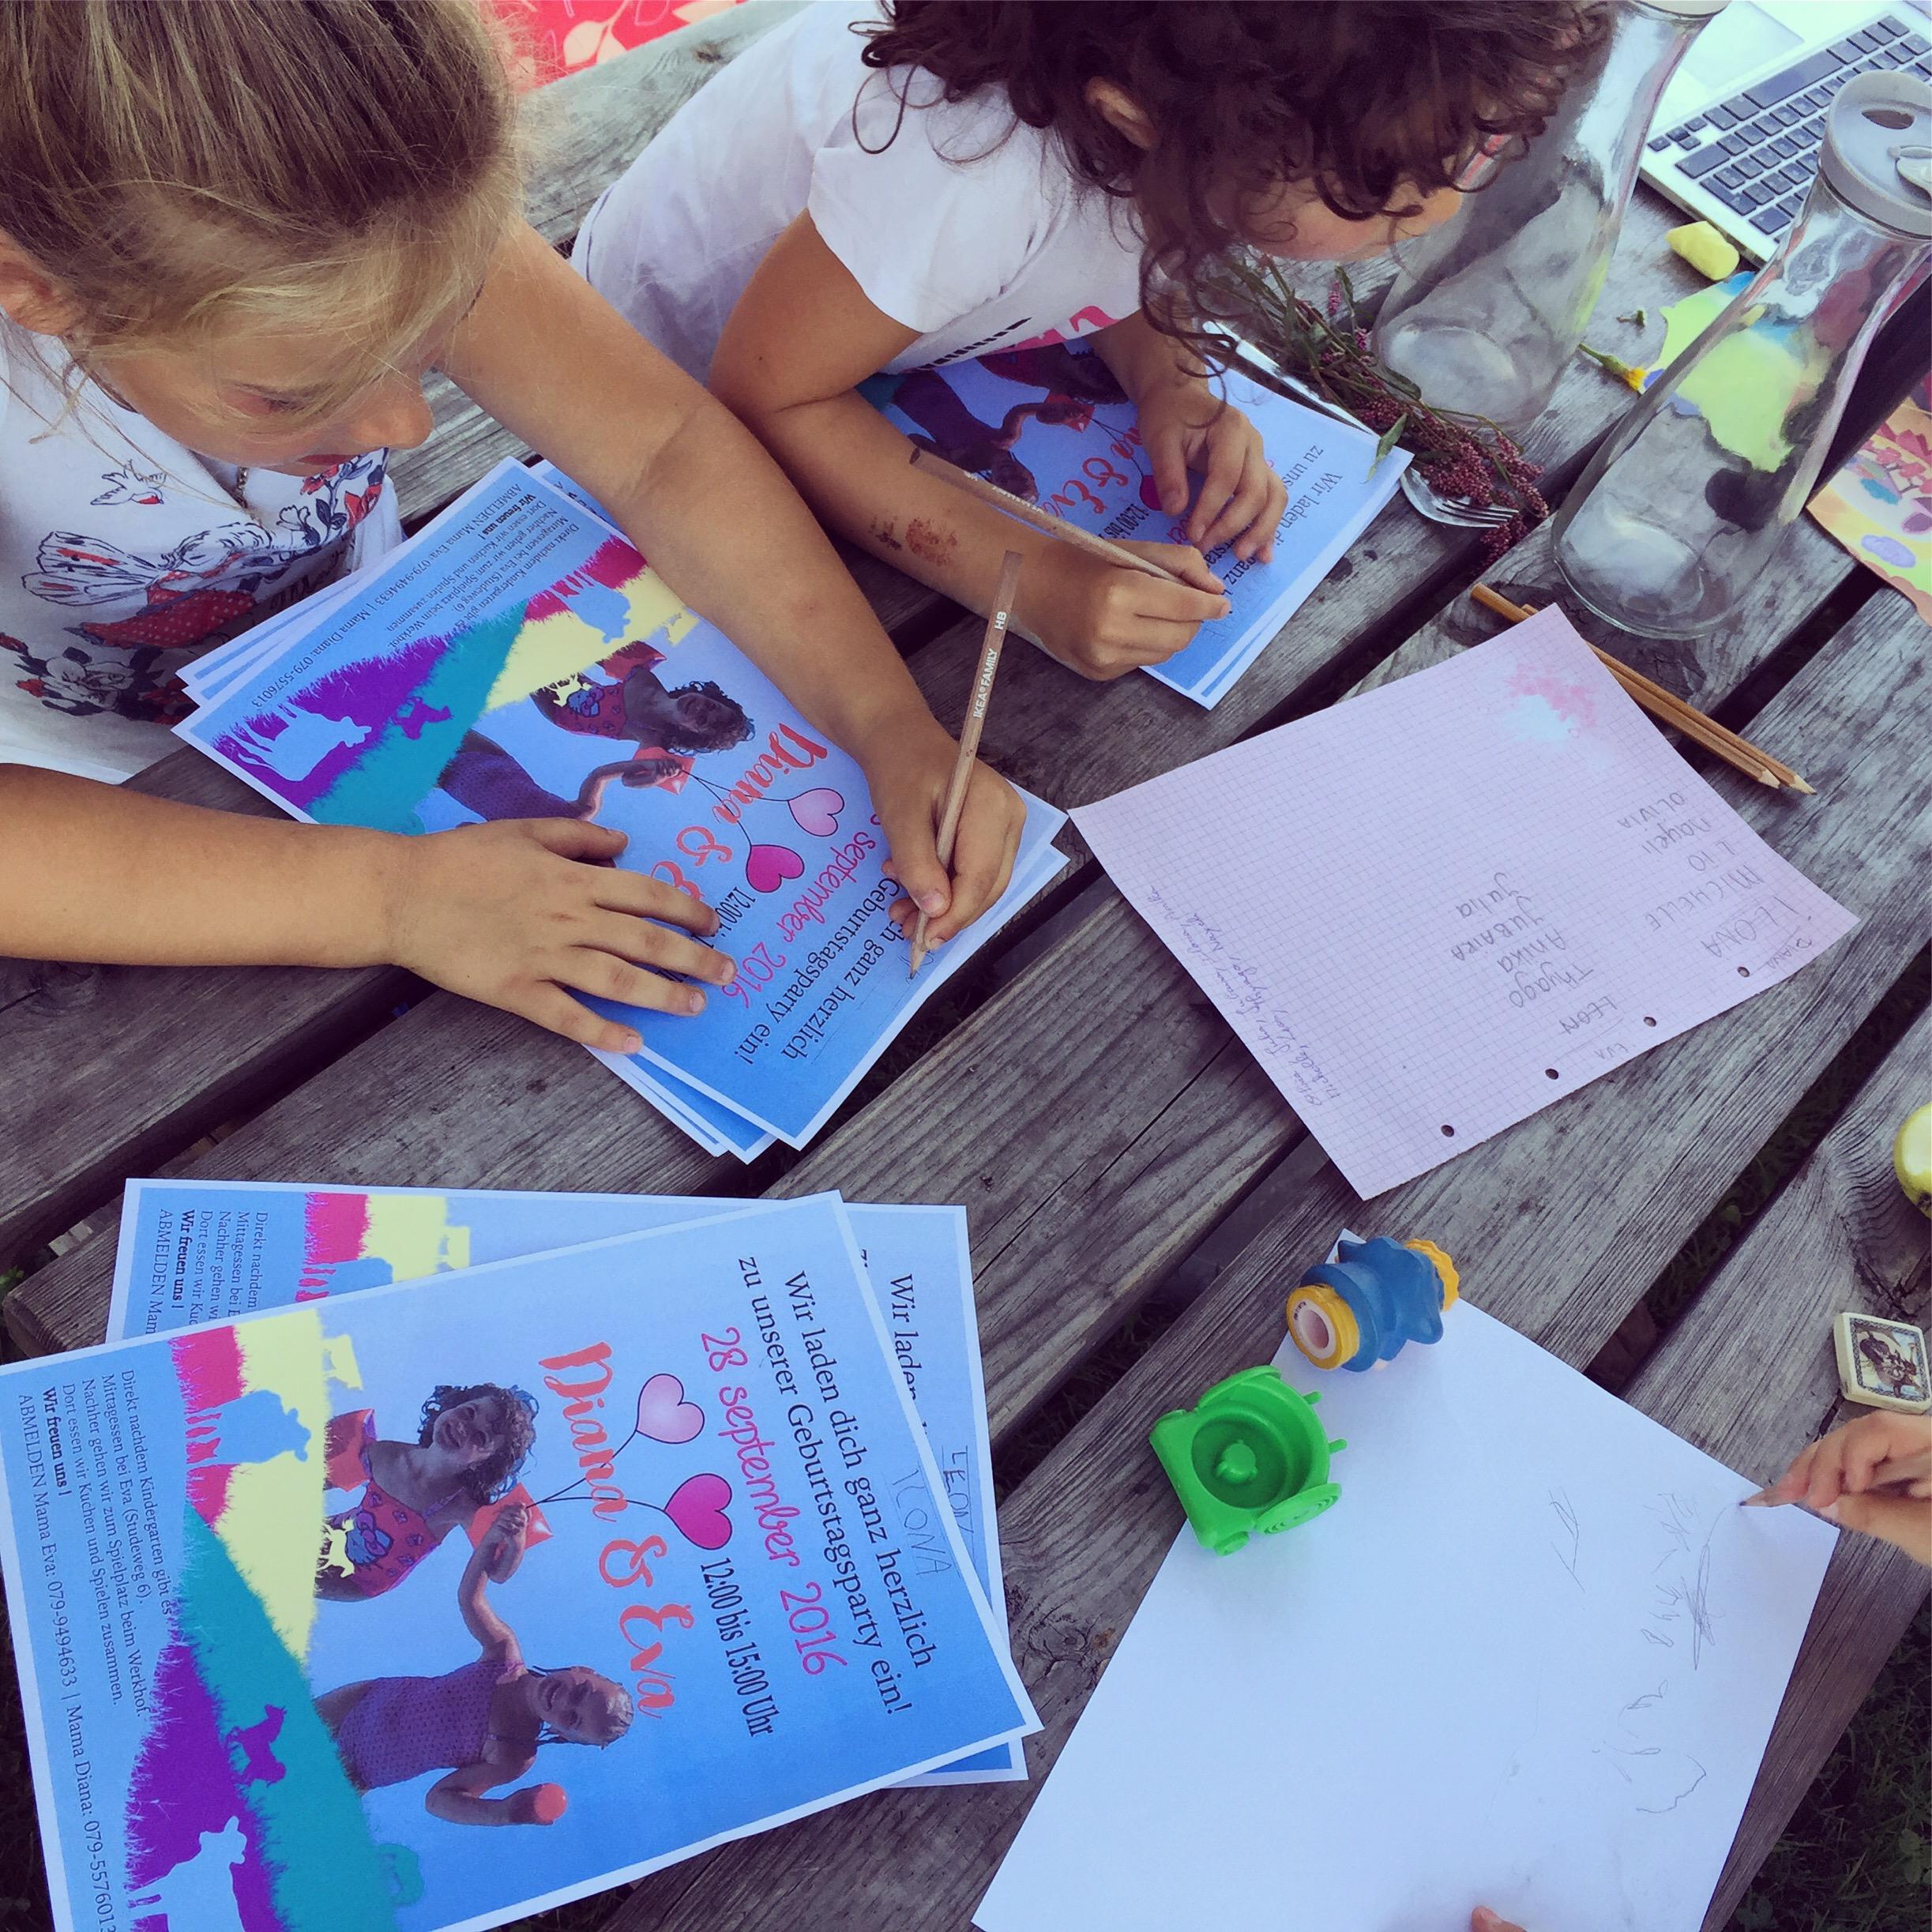 Na school maken Eva en haar vriendinnetje de uitnodigingen voor hun verjaardagsfeestje af.